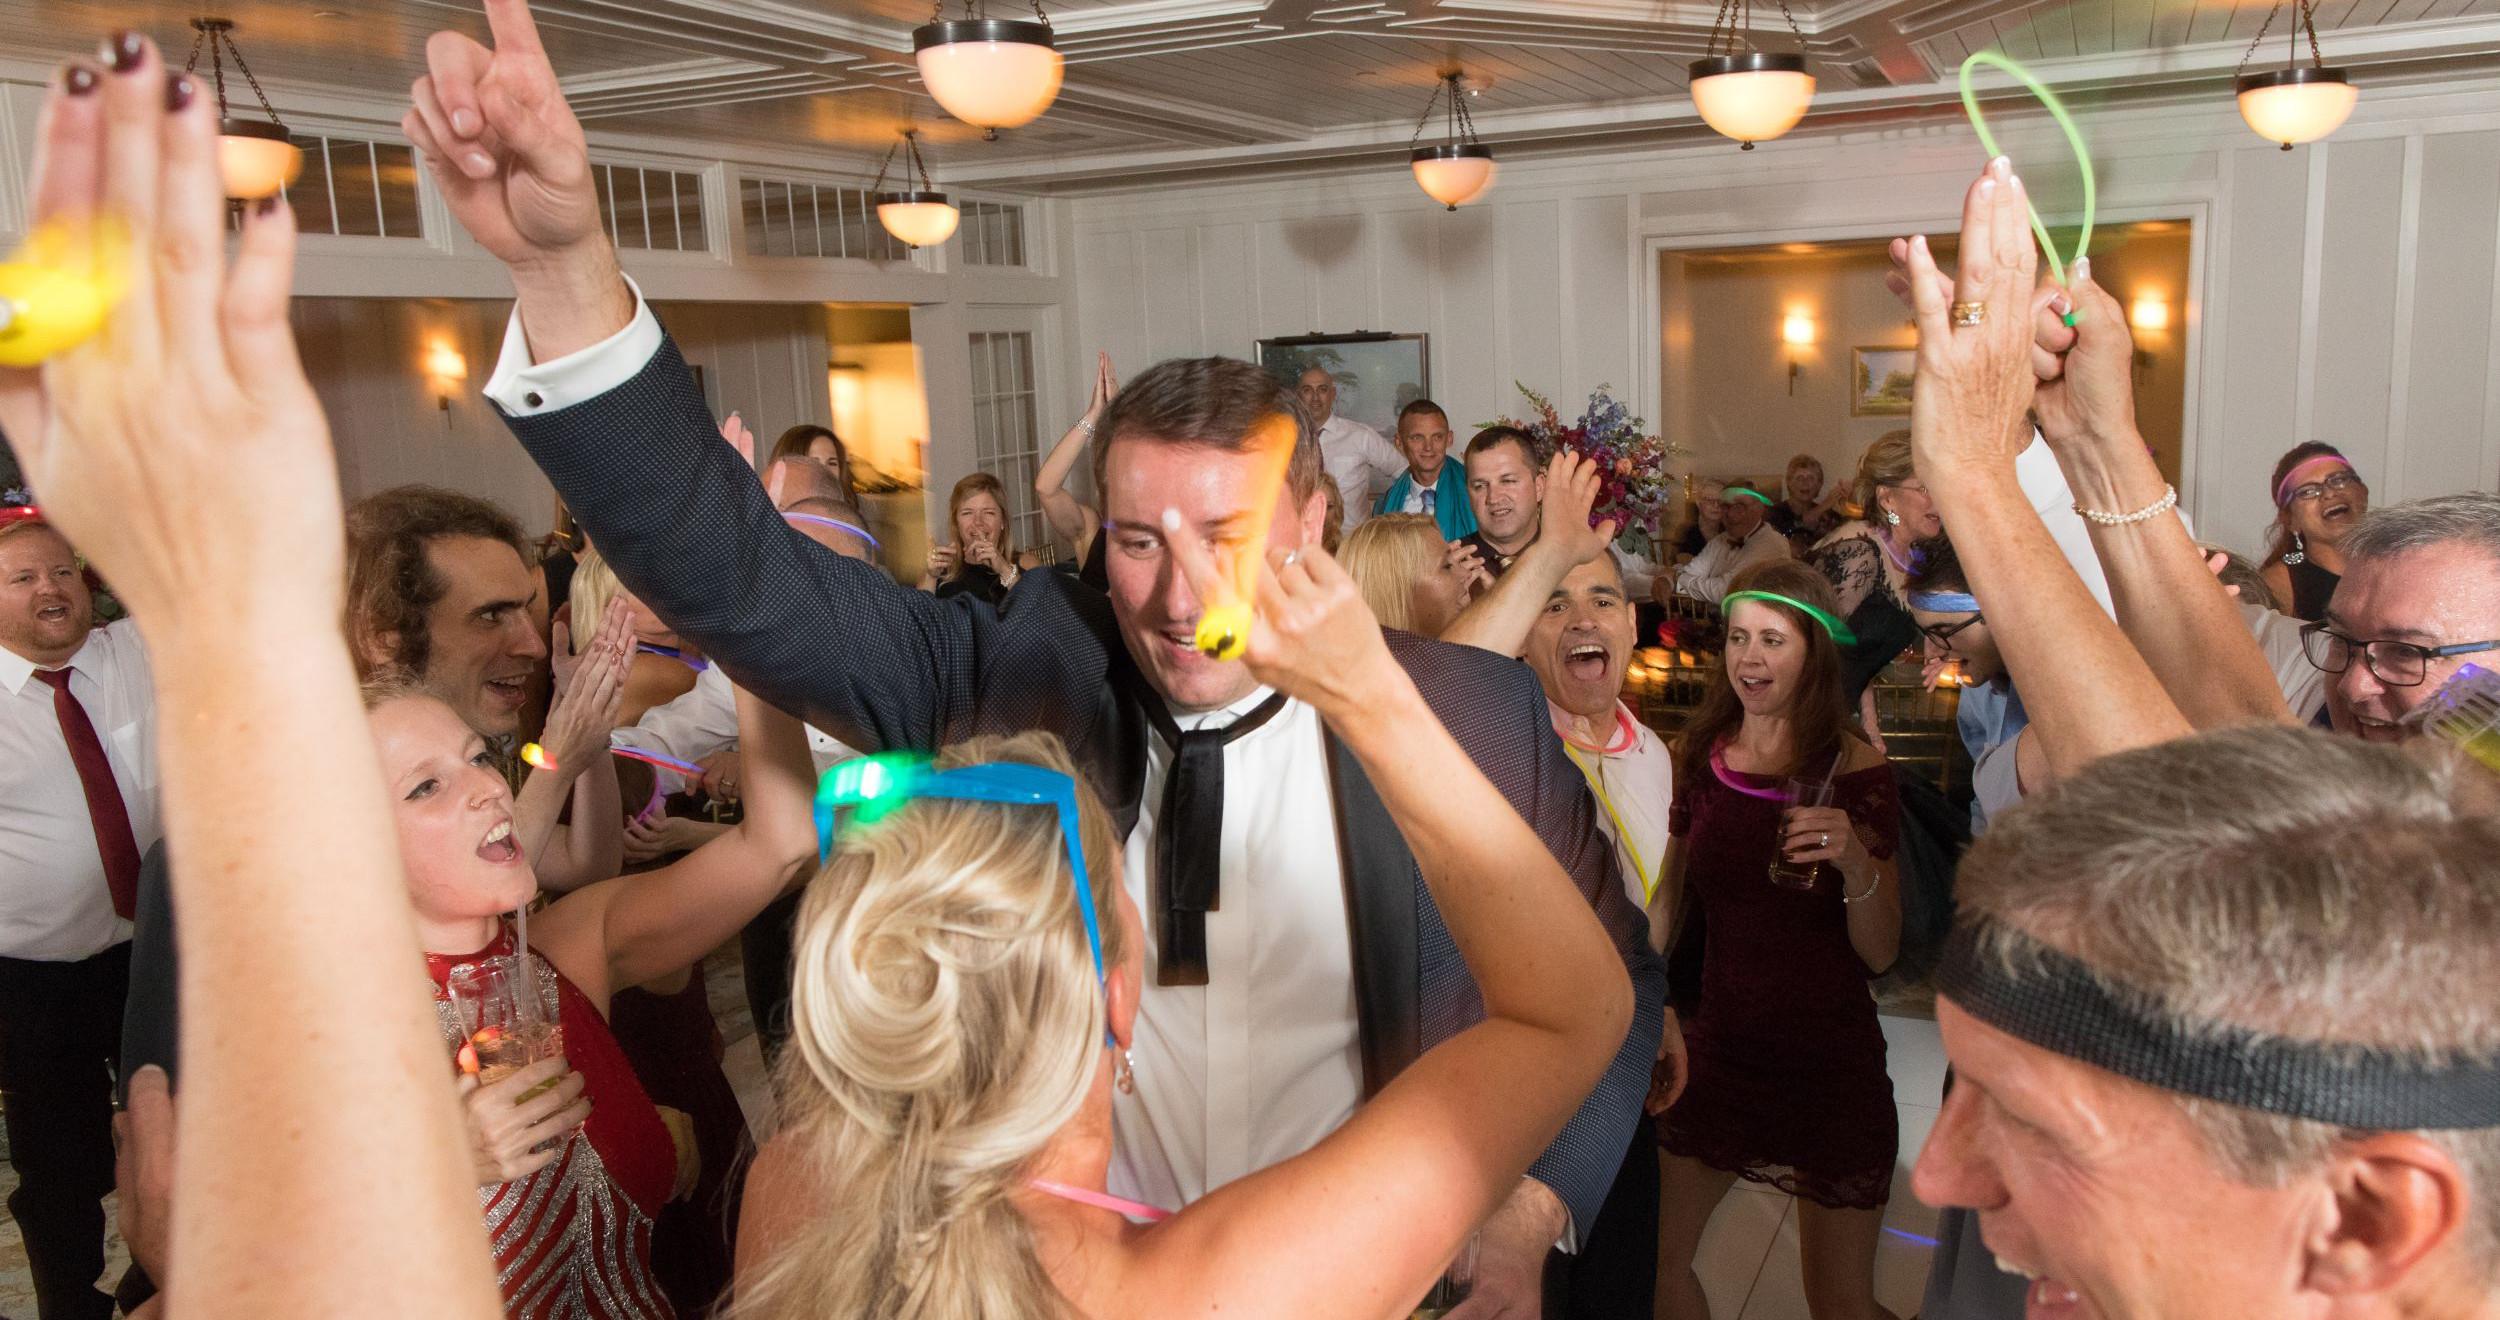 groom dances with hands up